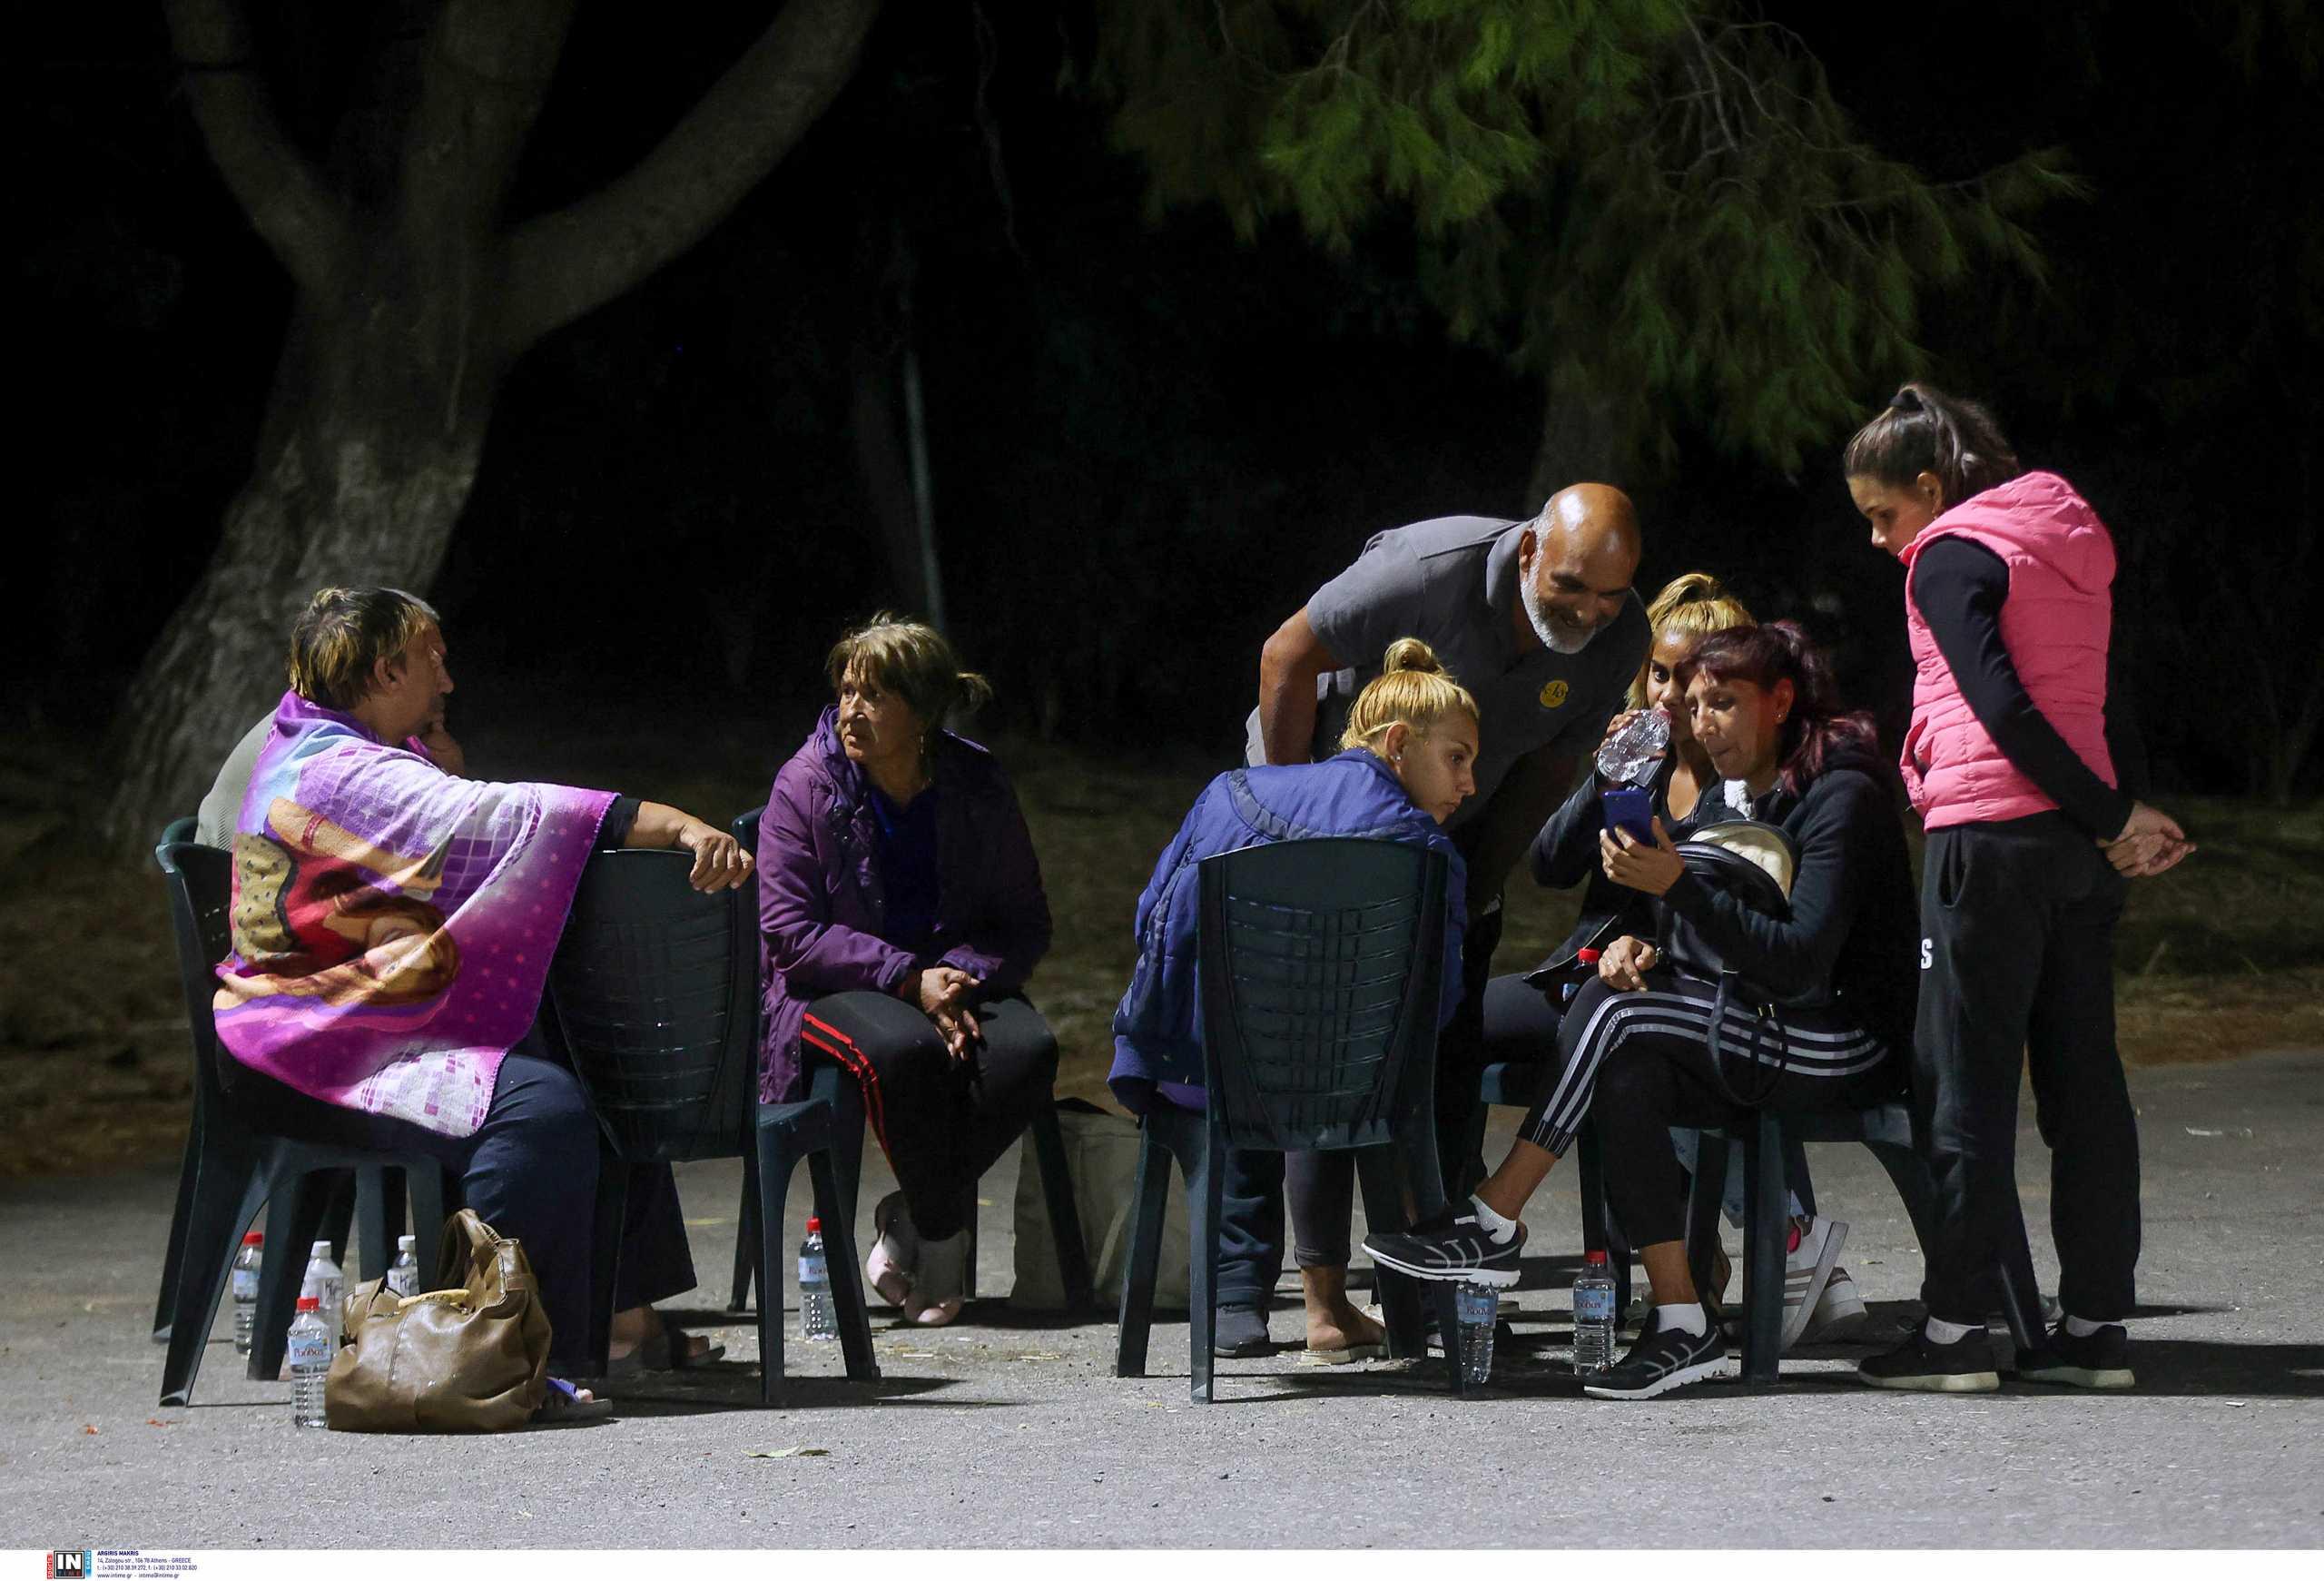 Σεισμός στην Κρήτη: Δύσκολη νύχτα στο Αρκαλοχώρι με συνεχείς μετασεισμούς – 1.000 άνθρωποι σε σκηνές